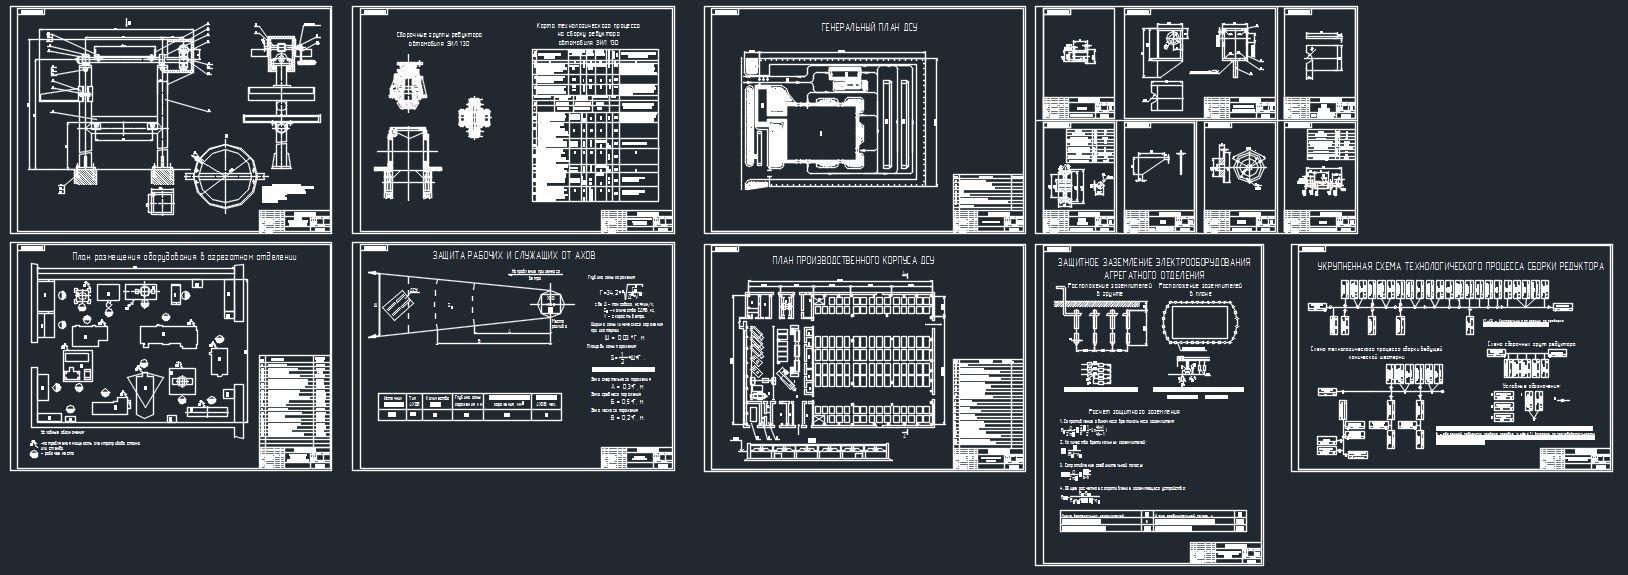 схема цеха по ремонту топливной аппаратуры тс